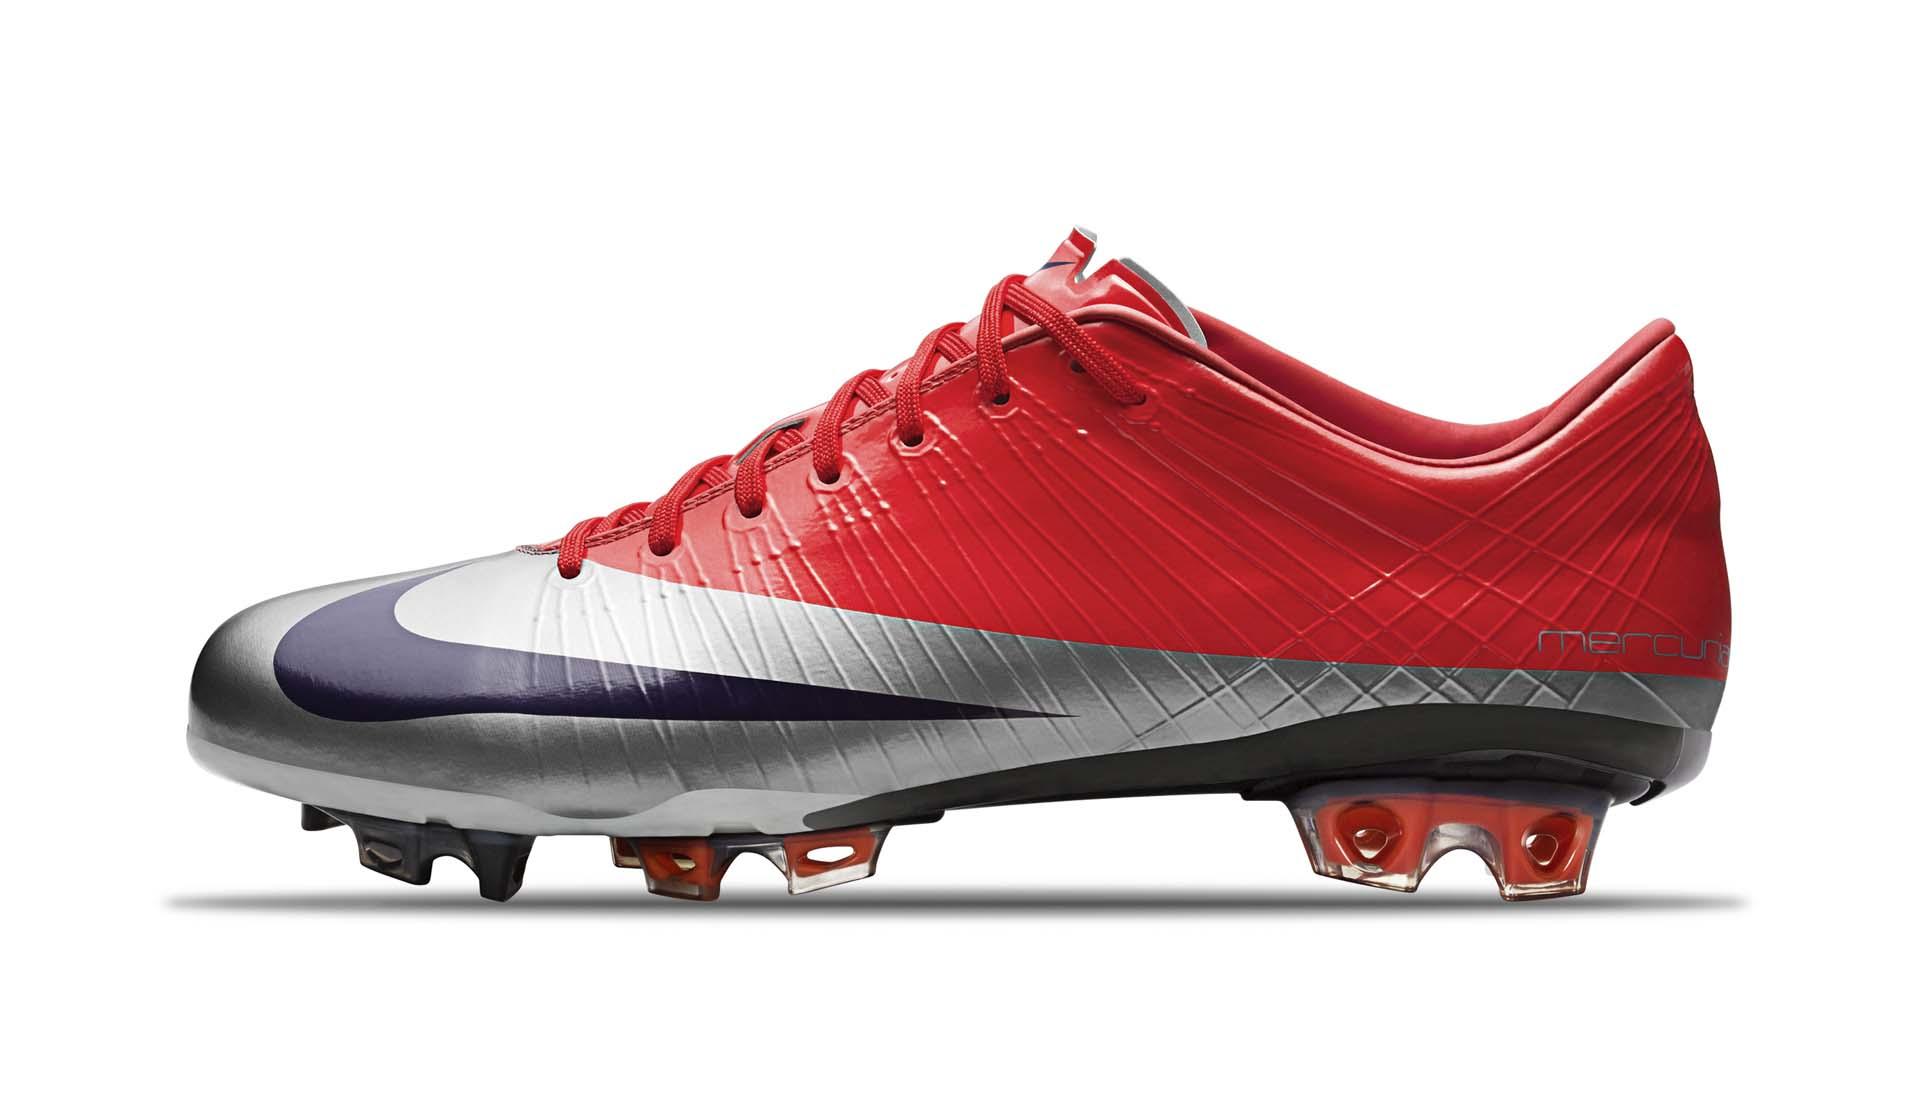 Đôi giày Nike Mercurial Superfly I lần đầu được ra mắt với trọng lượng siêu nhẹ